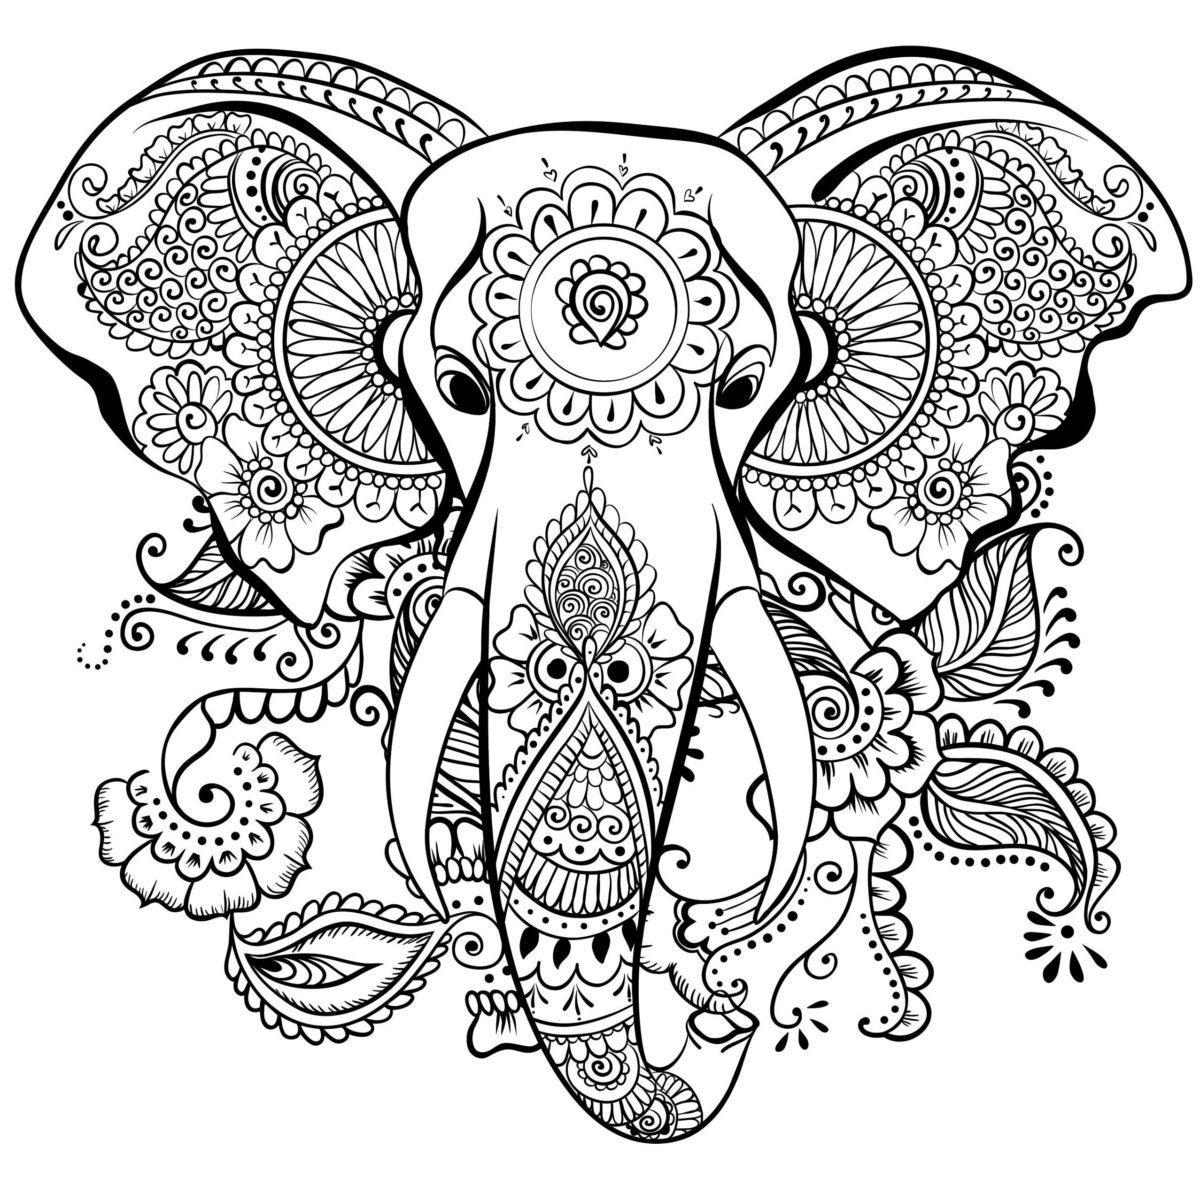 антистресс раскраска слон для детей и взрослых распечатать